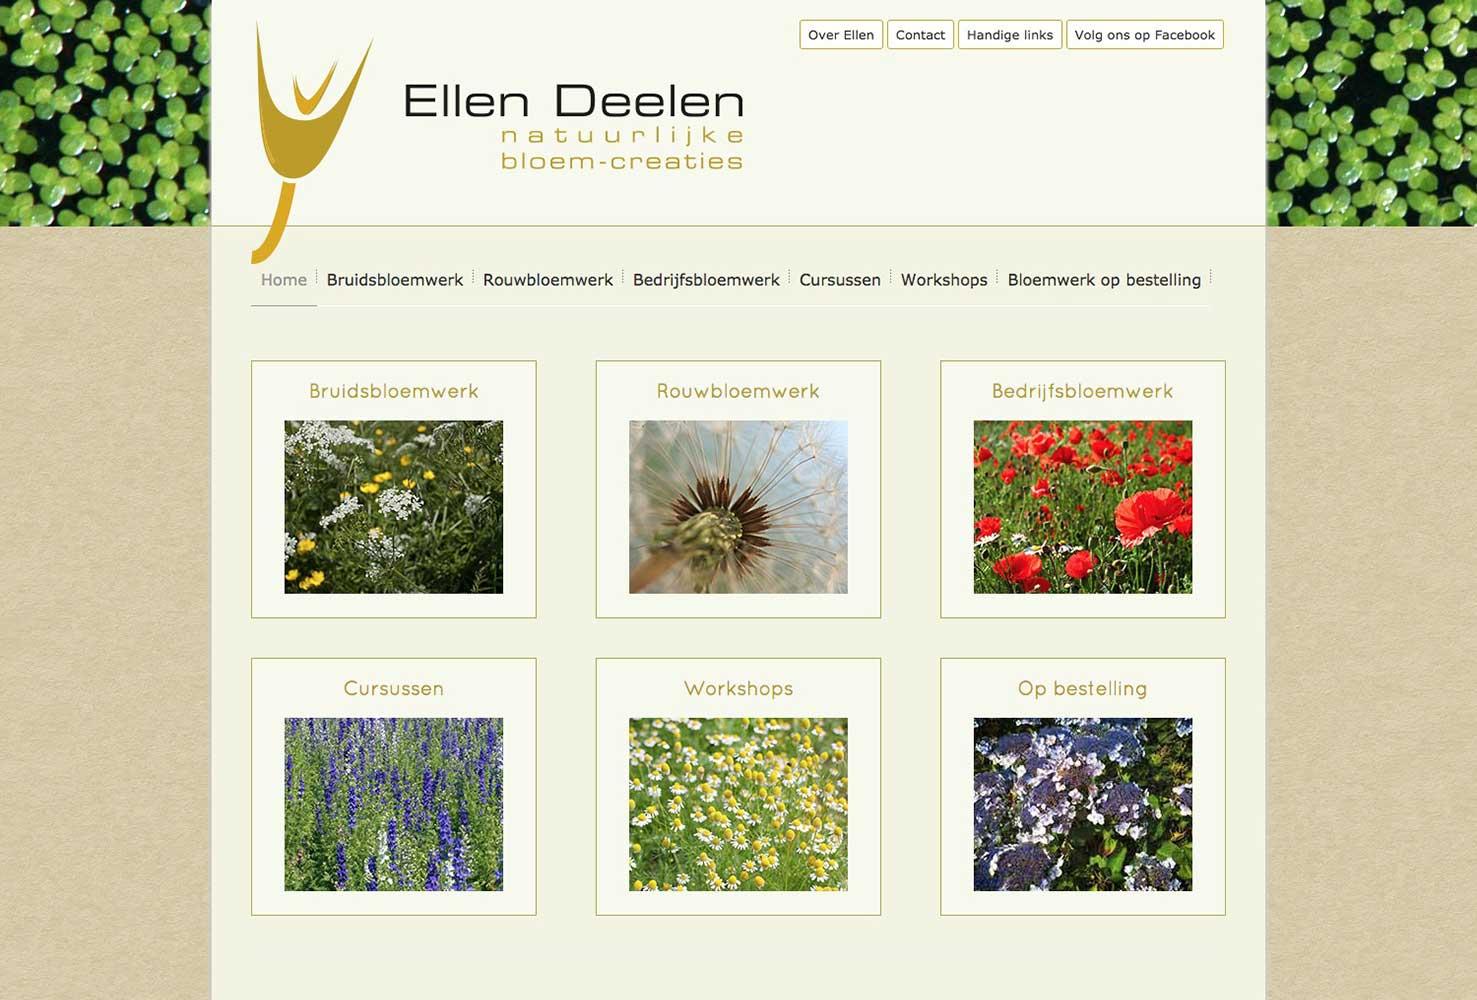 Ellen Deelen natuurlijke bloem-creaties